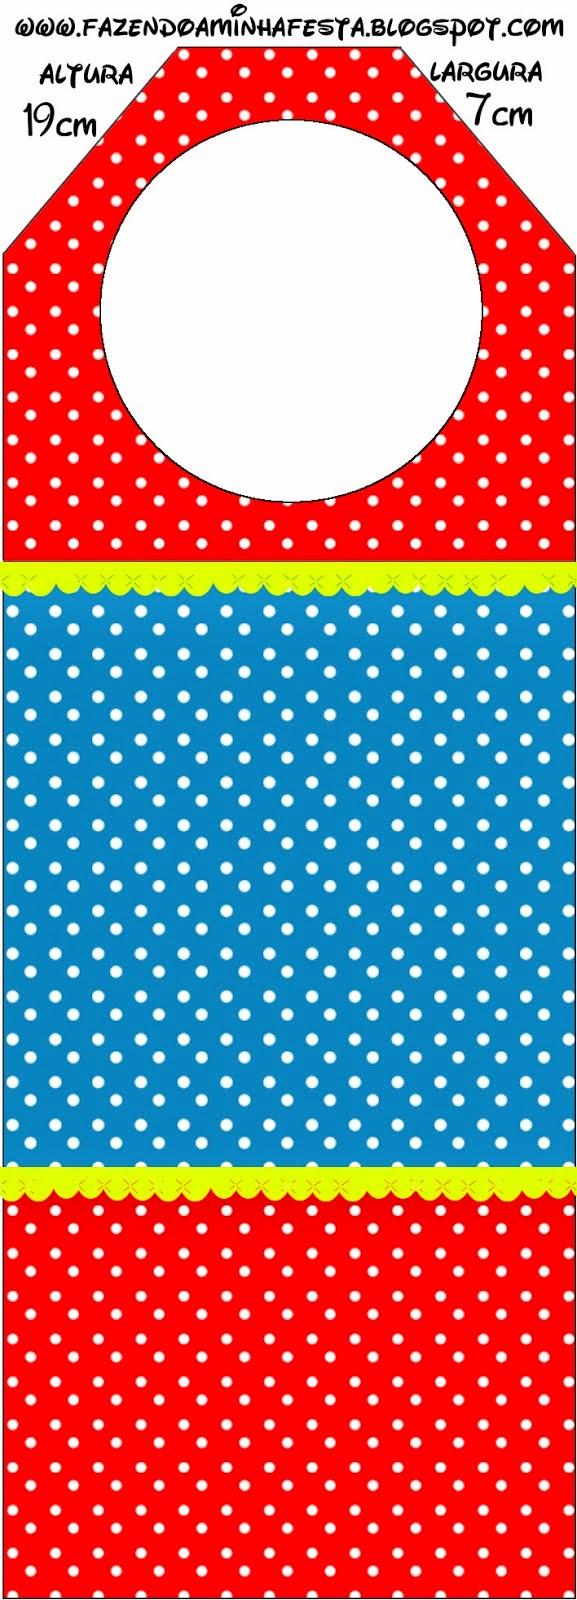 Para marcapáginas de Rojo, Amarillo y Azul.